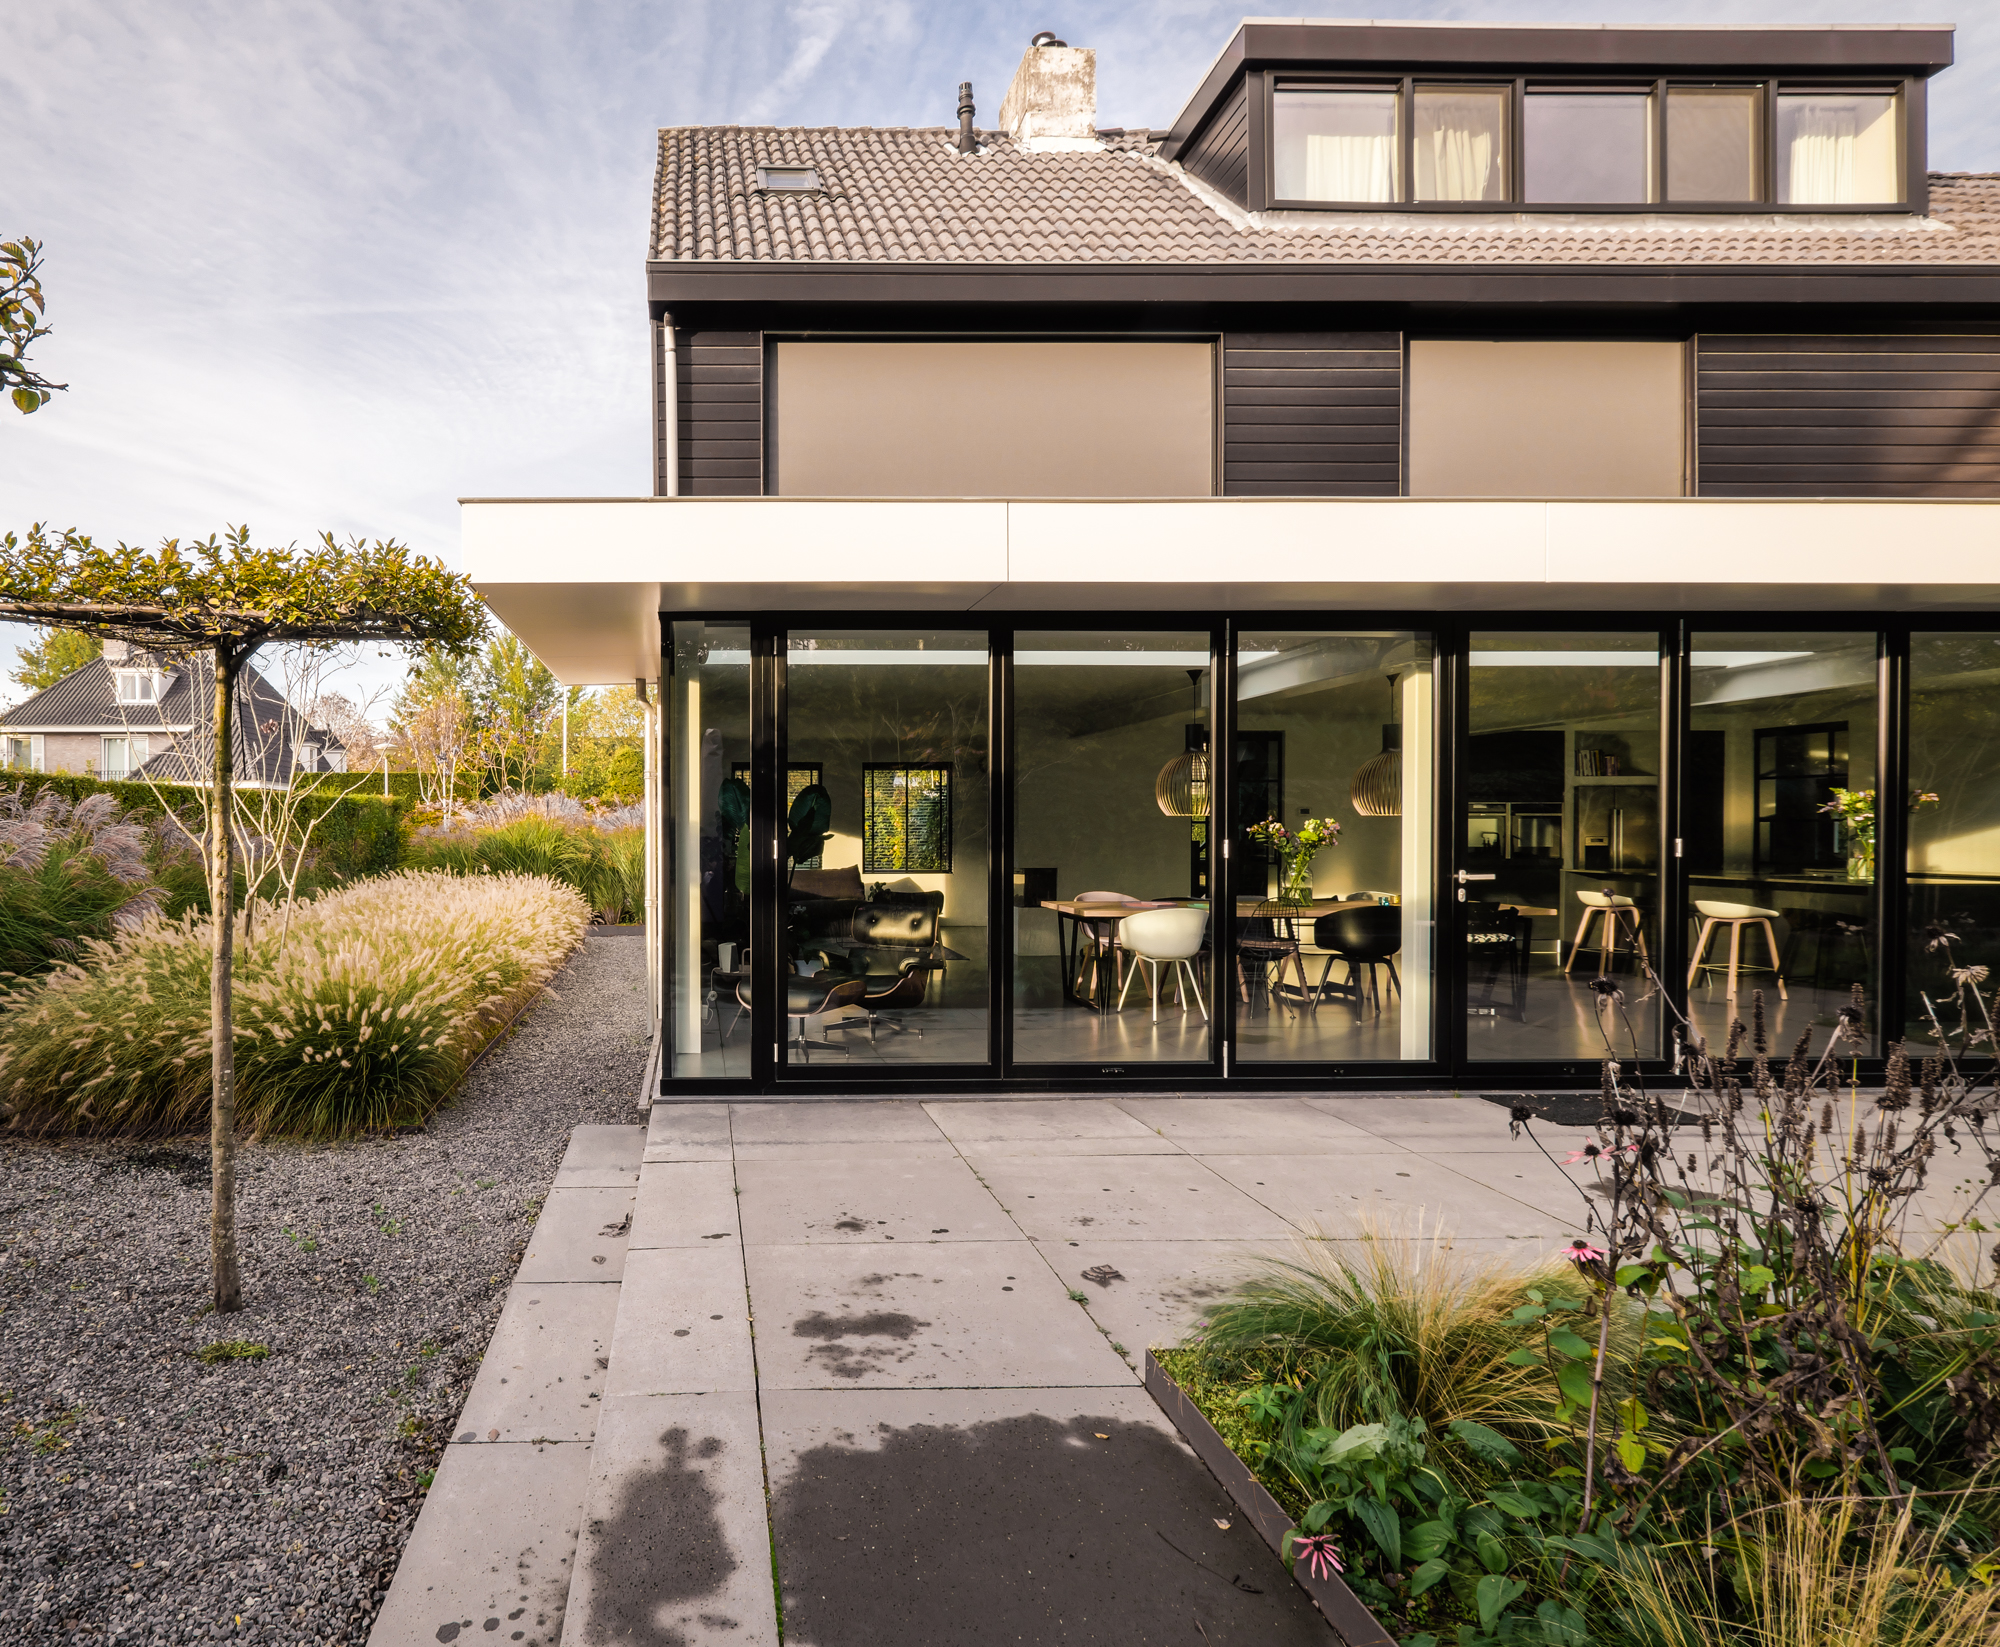 van-os-architecten-breda-ontwerp-moderne-aanbouw-met-aluminium-vouwschuifpui-zicht-achtergevel-en-tuin